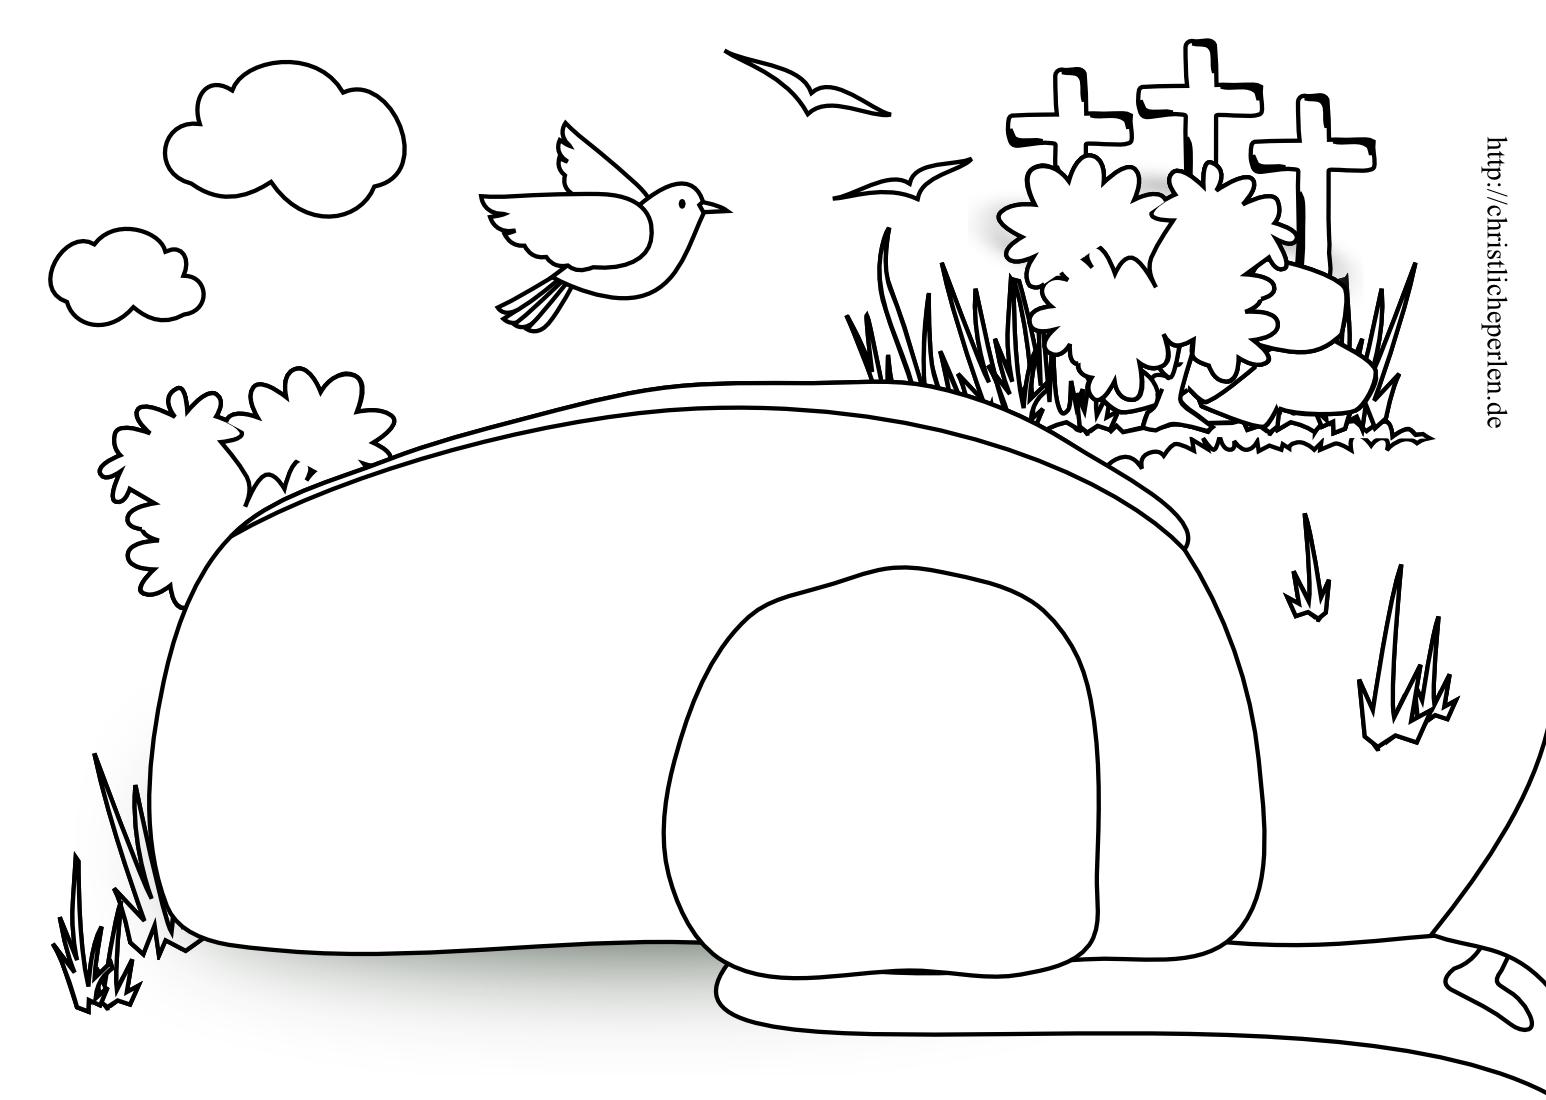 ausmalbild ostern jesus  Ausmalbilder zu Ostern  Christliche